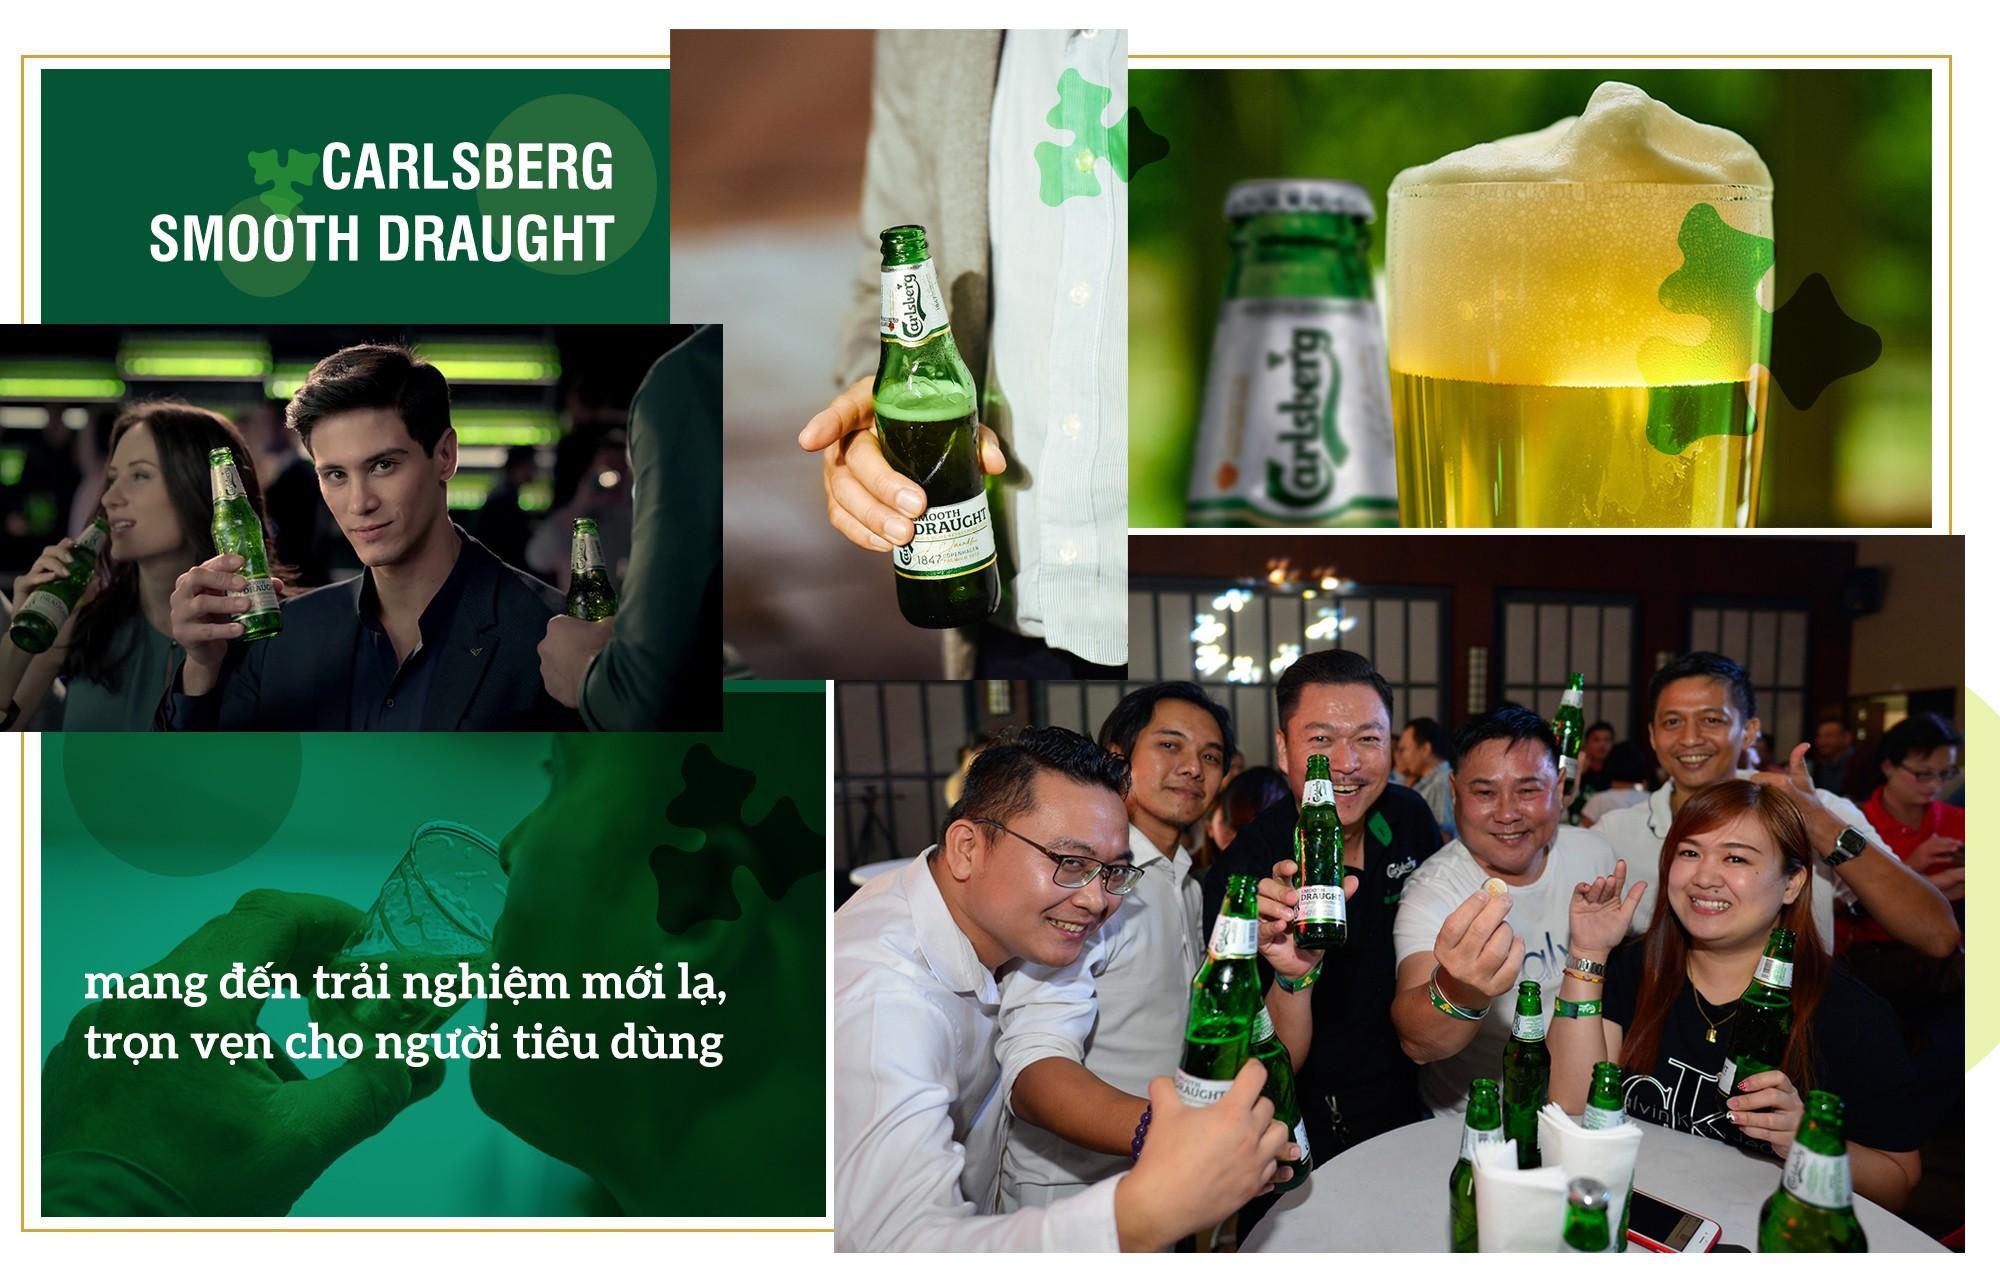 """Cùng Carlsberg Smooth Draught thưởng thức trọn vẹn """"trải nghiệm bia tươi vừa mới rót"""" - Ảnh 10."""